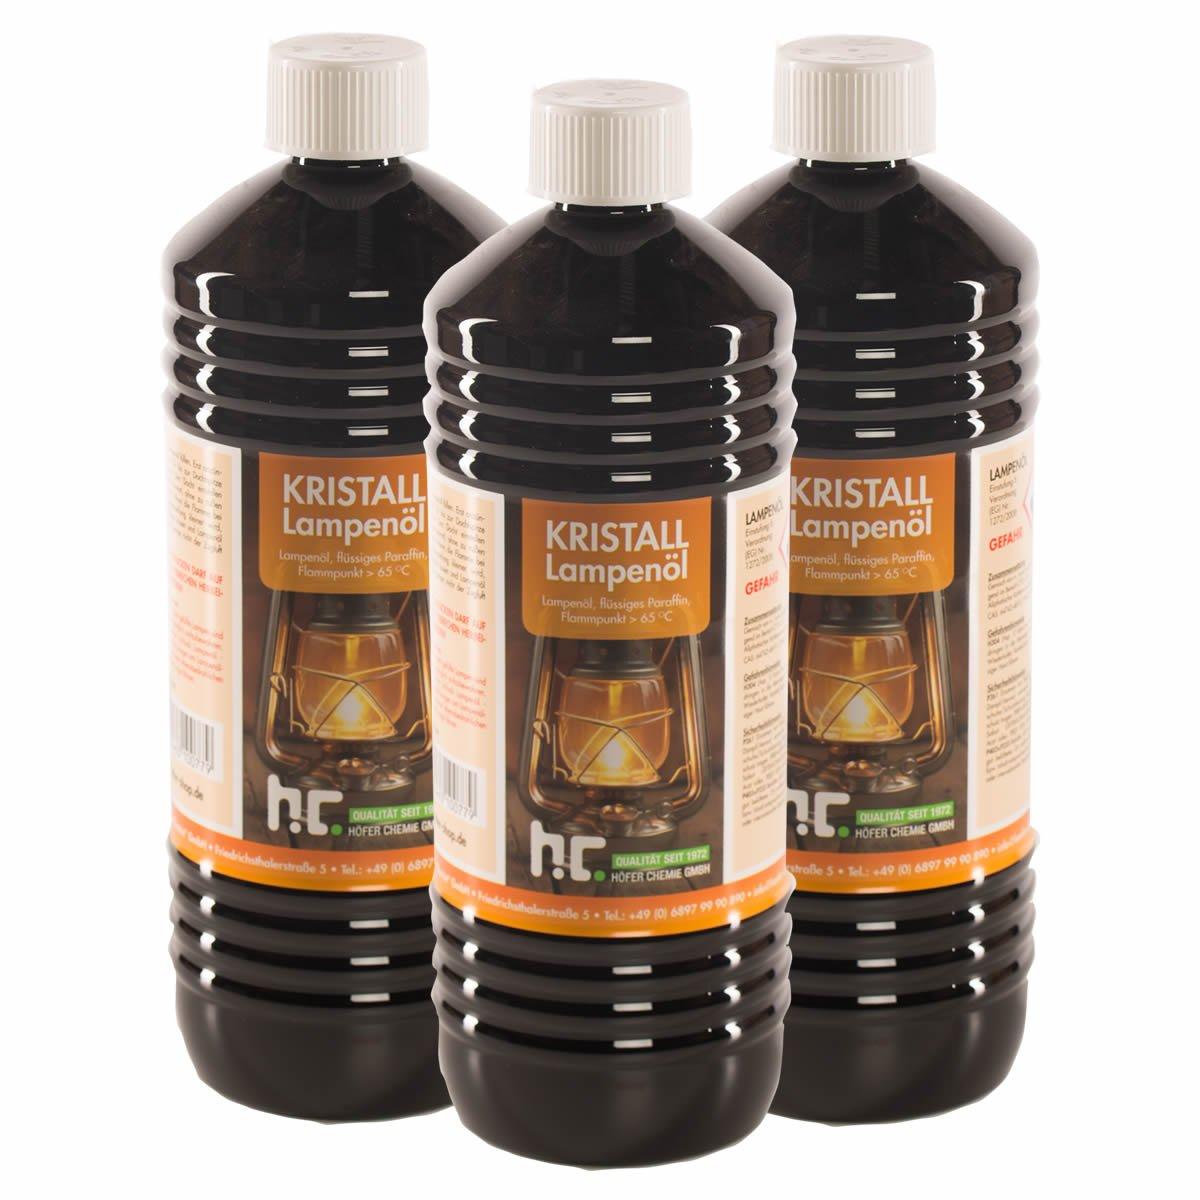 6 x 1 L huile de paraffine pour lampe inodore incolore - FRAIS DE PORT OFFERT - en bouteilles de 1 L Höfer Chemie ®